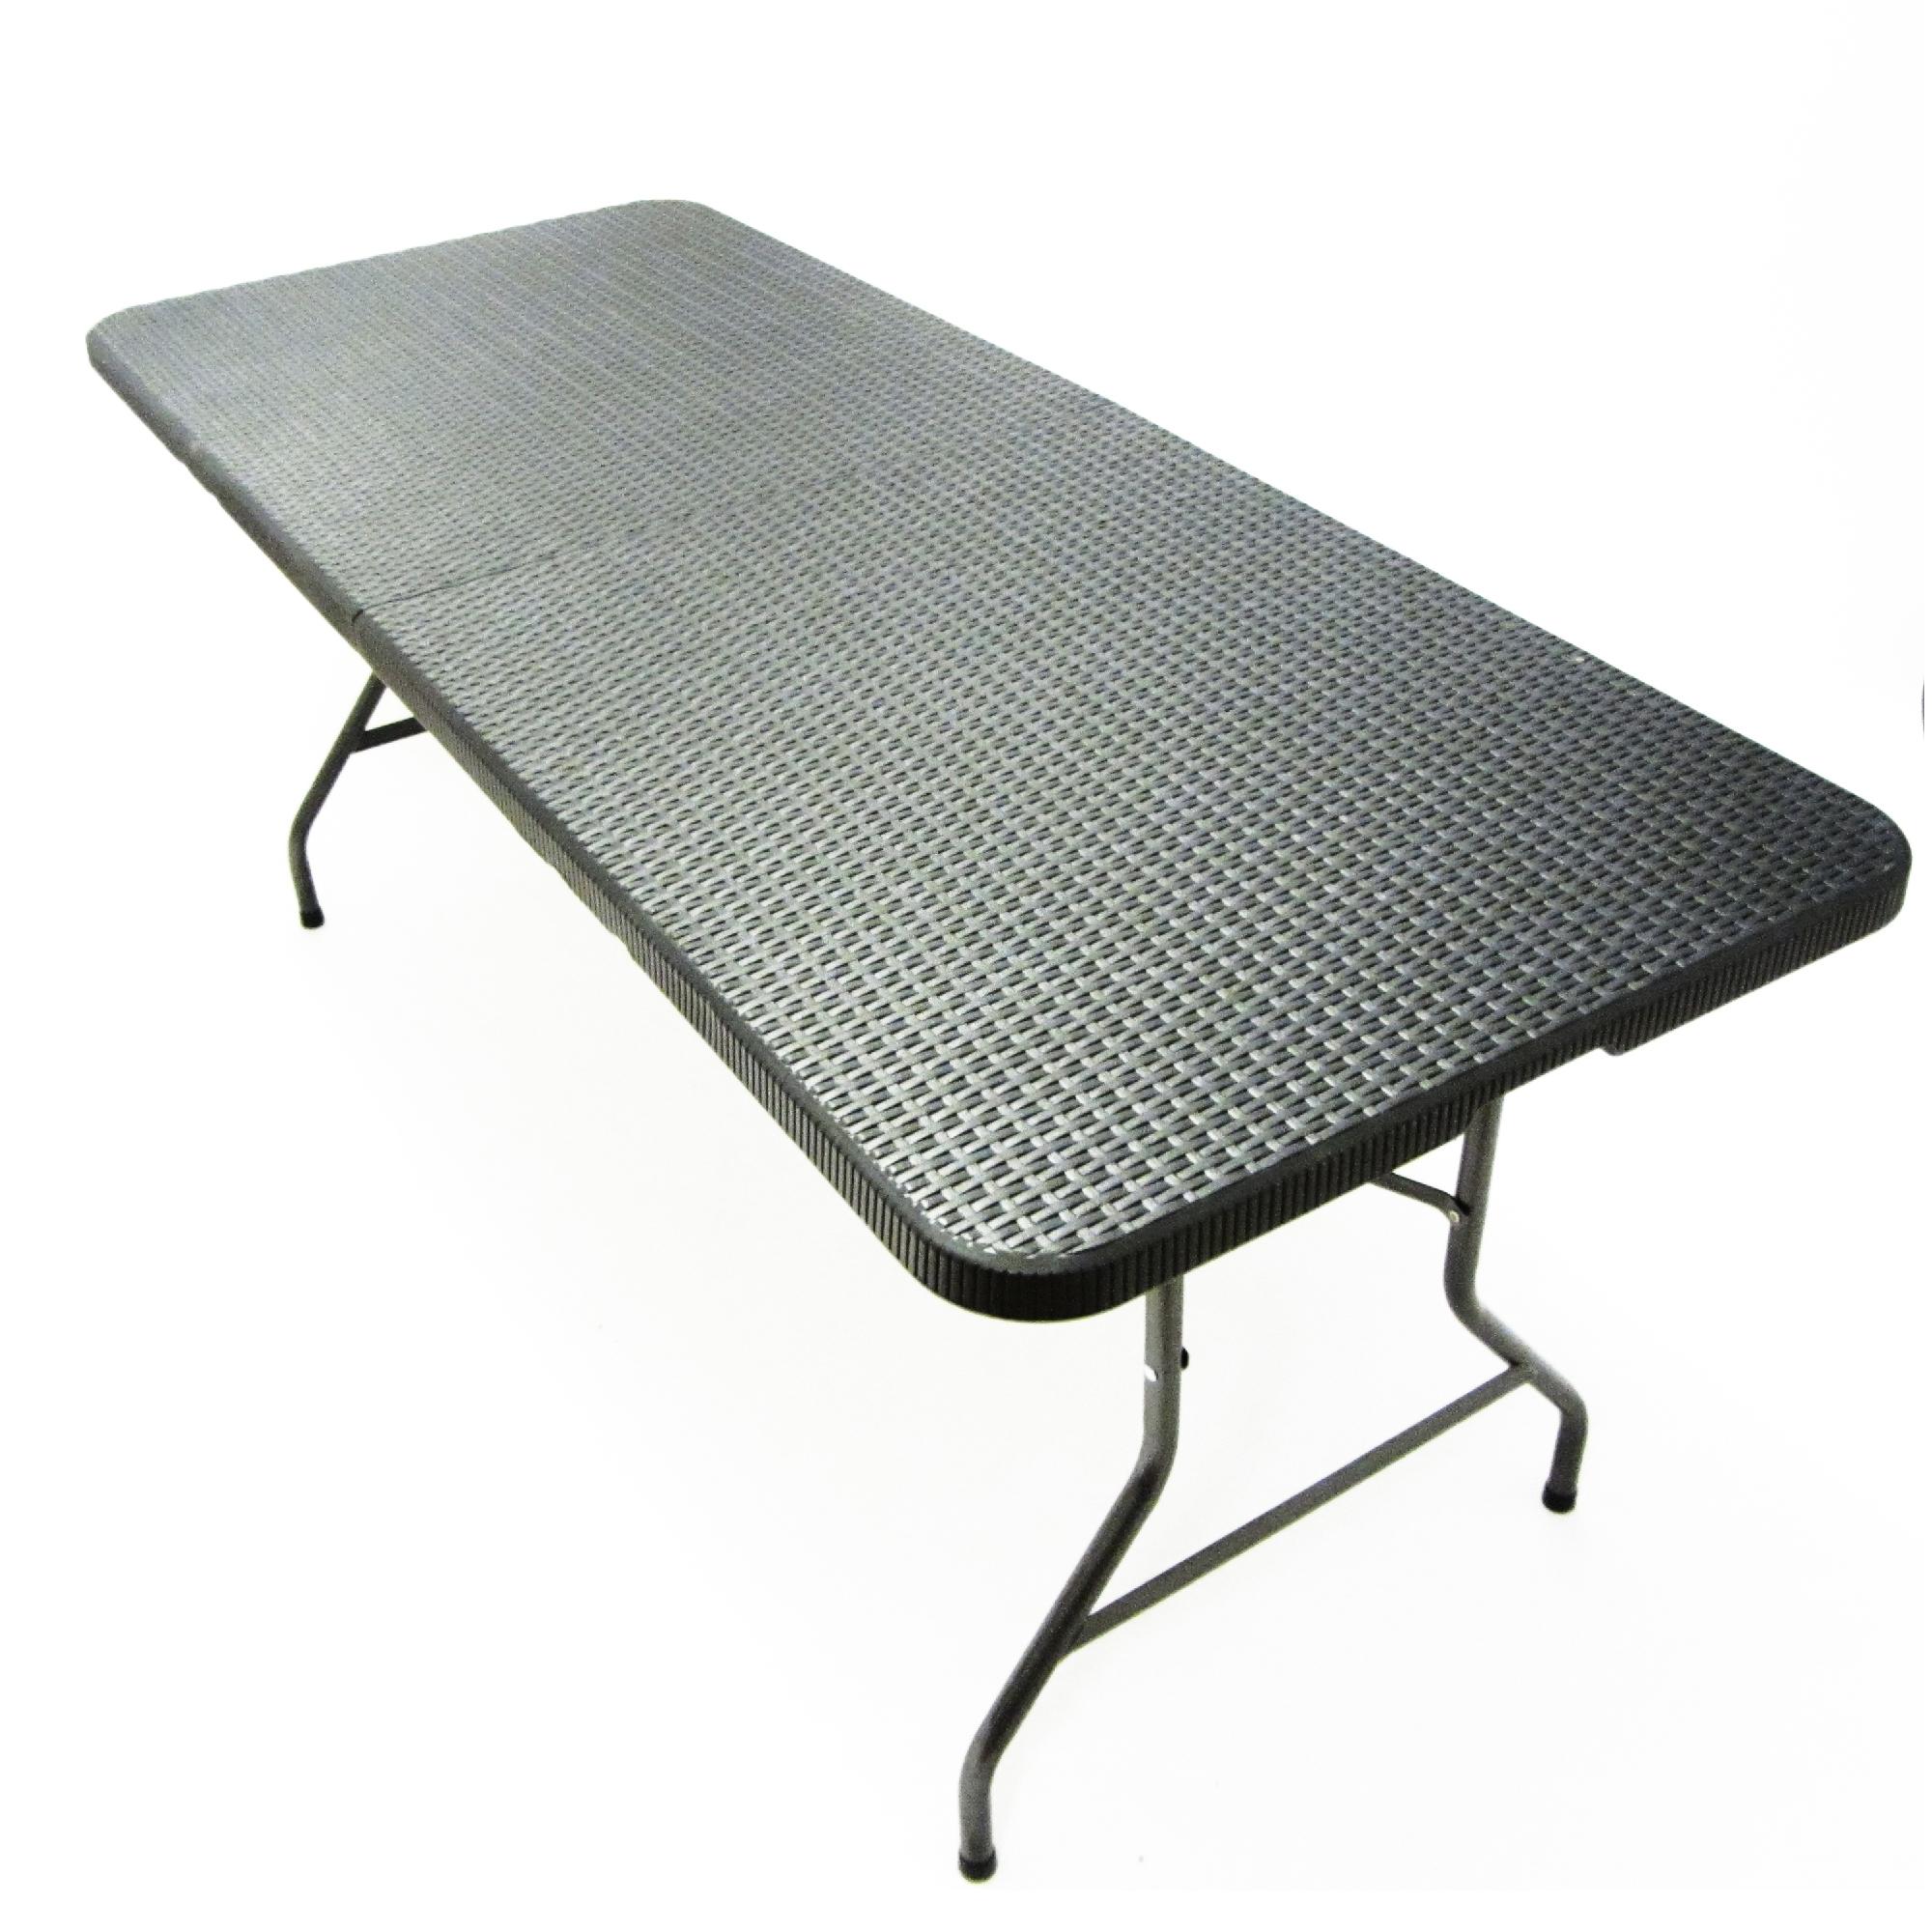 Klapptisch Rattan.Klapptisch Falttisch Gartentisch Campingtisch Partytisch Buffettisch Faltbarer Tisch Koffertisch 180 X 75 X 74 Cm Rattan Optik Mit Tragegriff